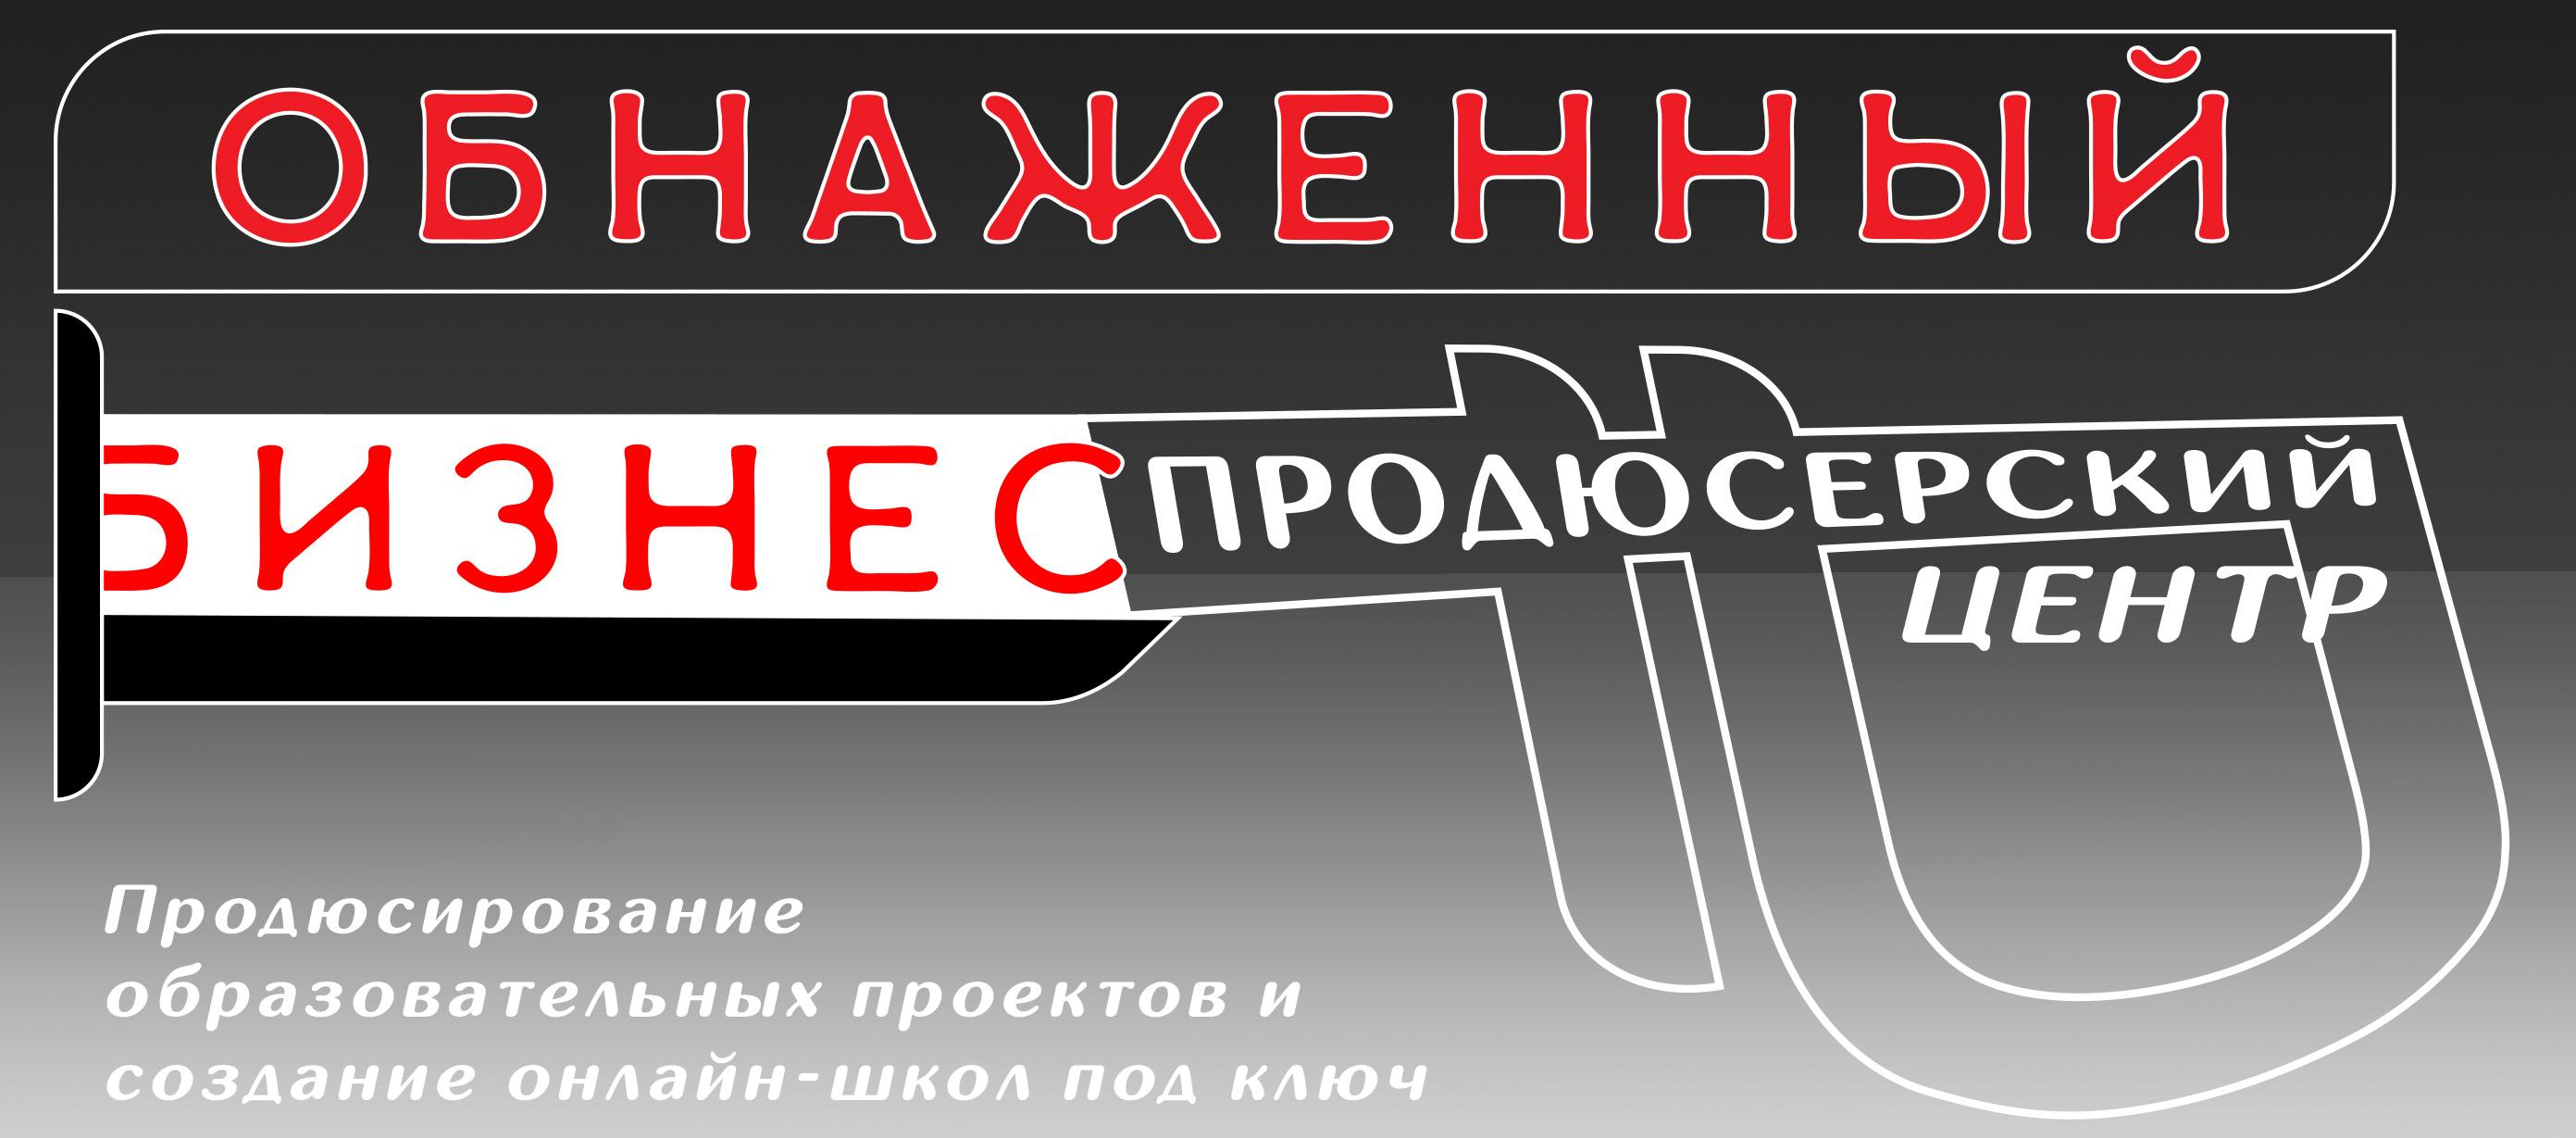 """Логотип для продюсерского центра """"Обнажённый бизнес"""" фото f_0325b9e7c23bc53b.jpg"""